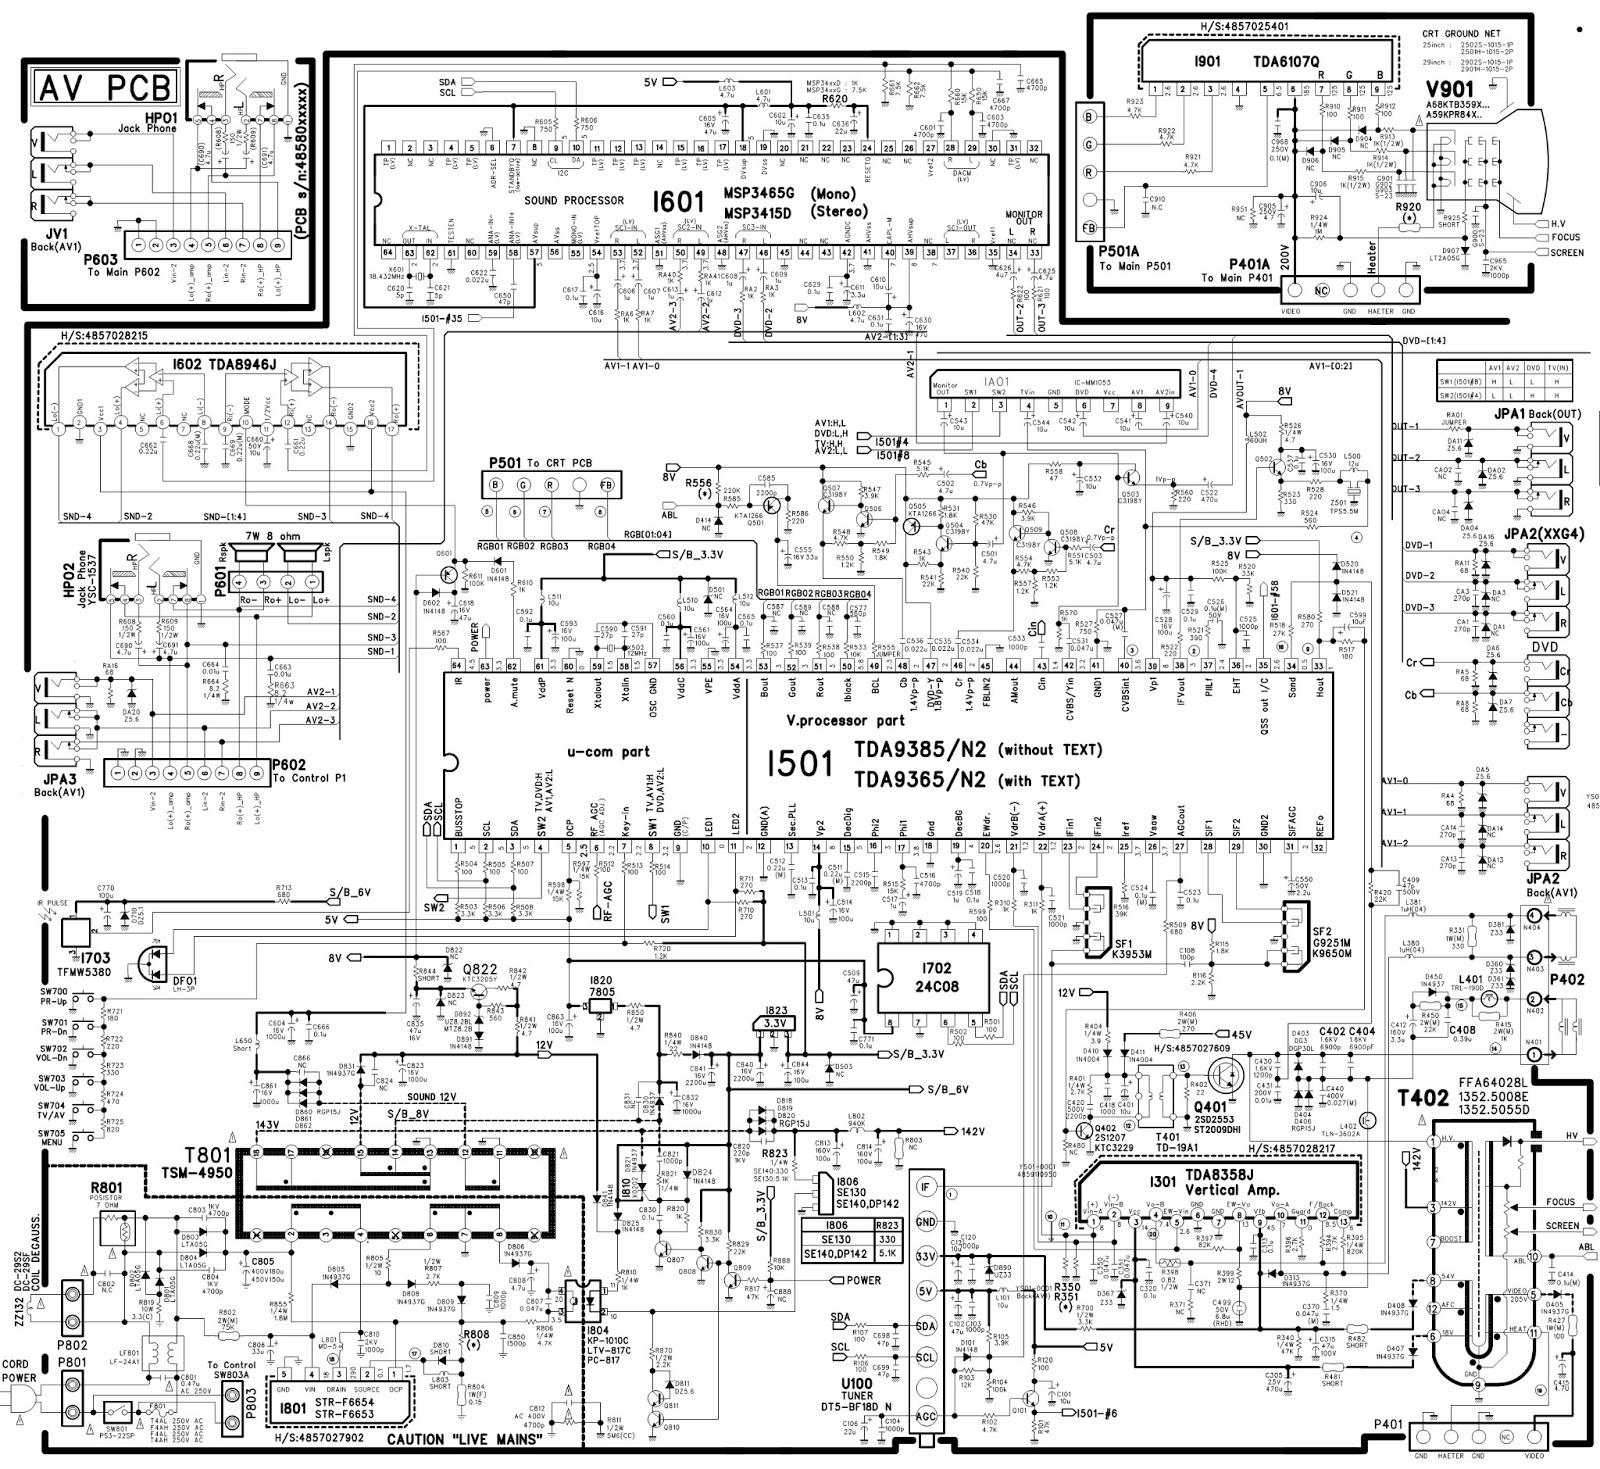 nec dte-29u1th - pf68t32 - schematic  circuit diagram  - using ics   str